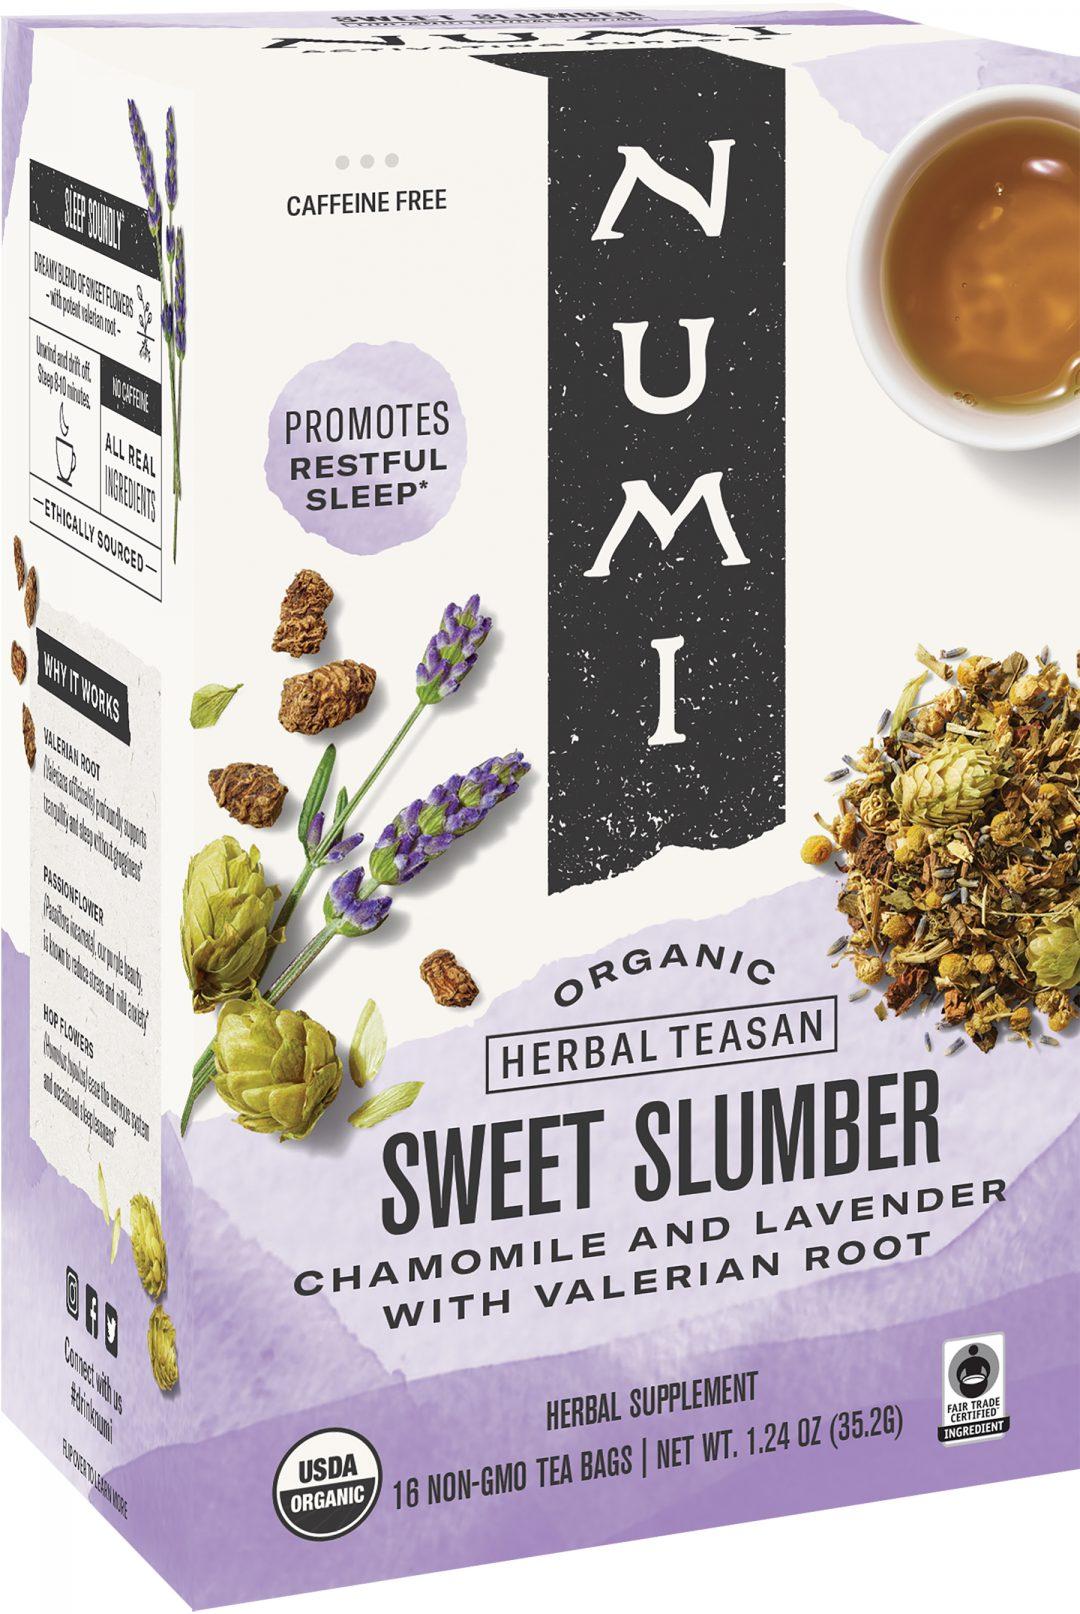 Sweet Slumber Tea